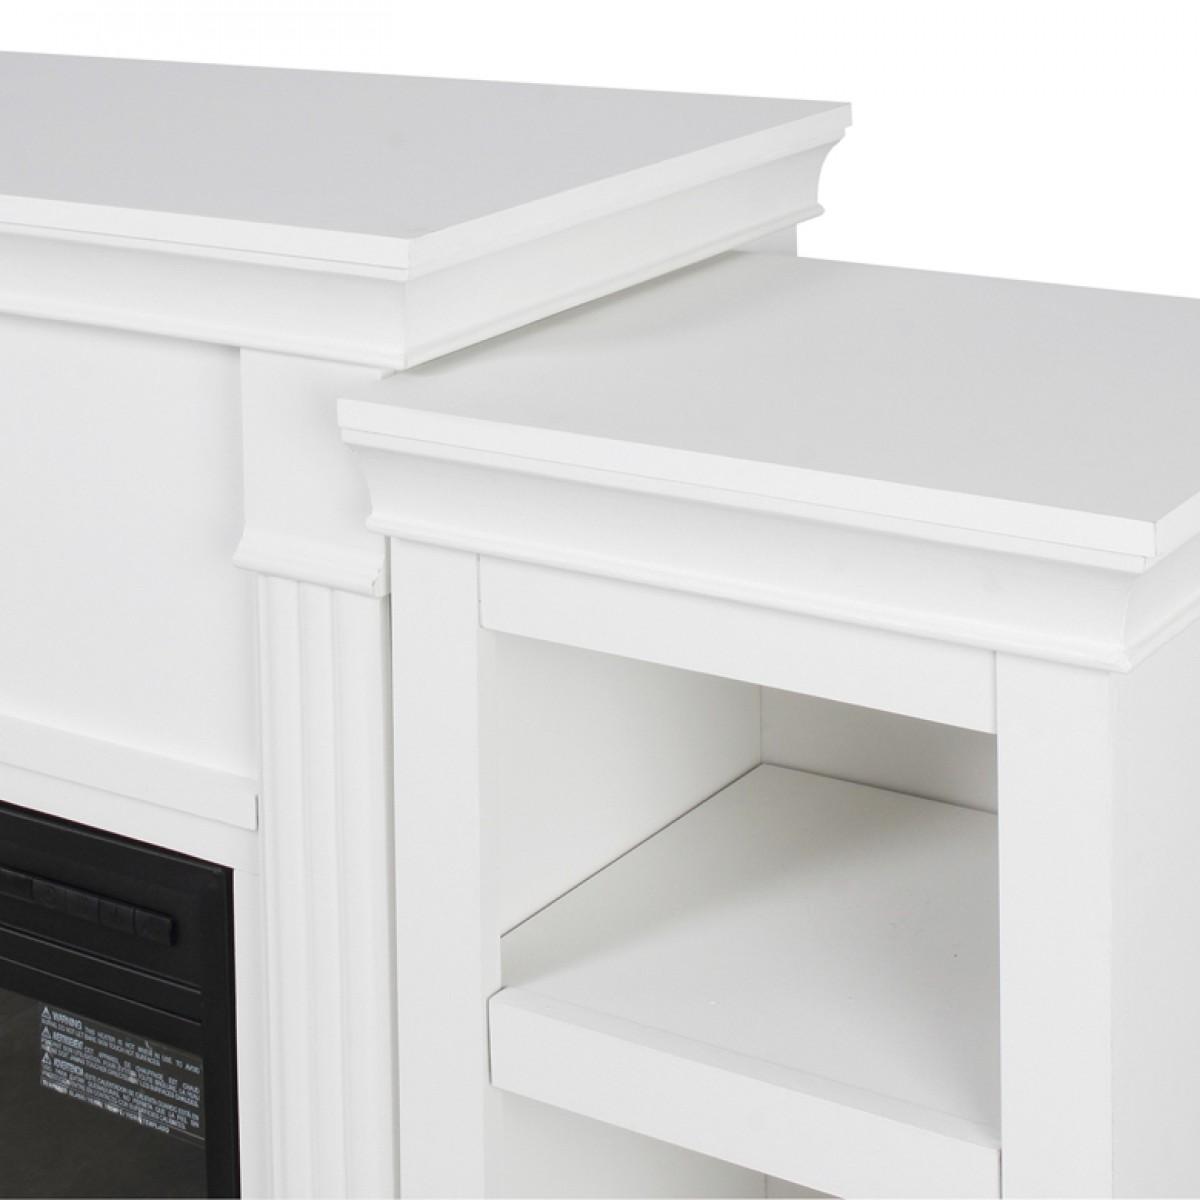 Встраиваемый электрический камин, подставка для телевизора со съемными боковыми шкафами, под дерево, кремово-белый цвет